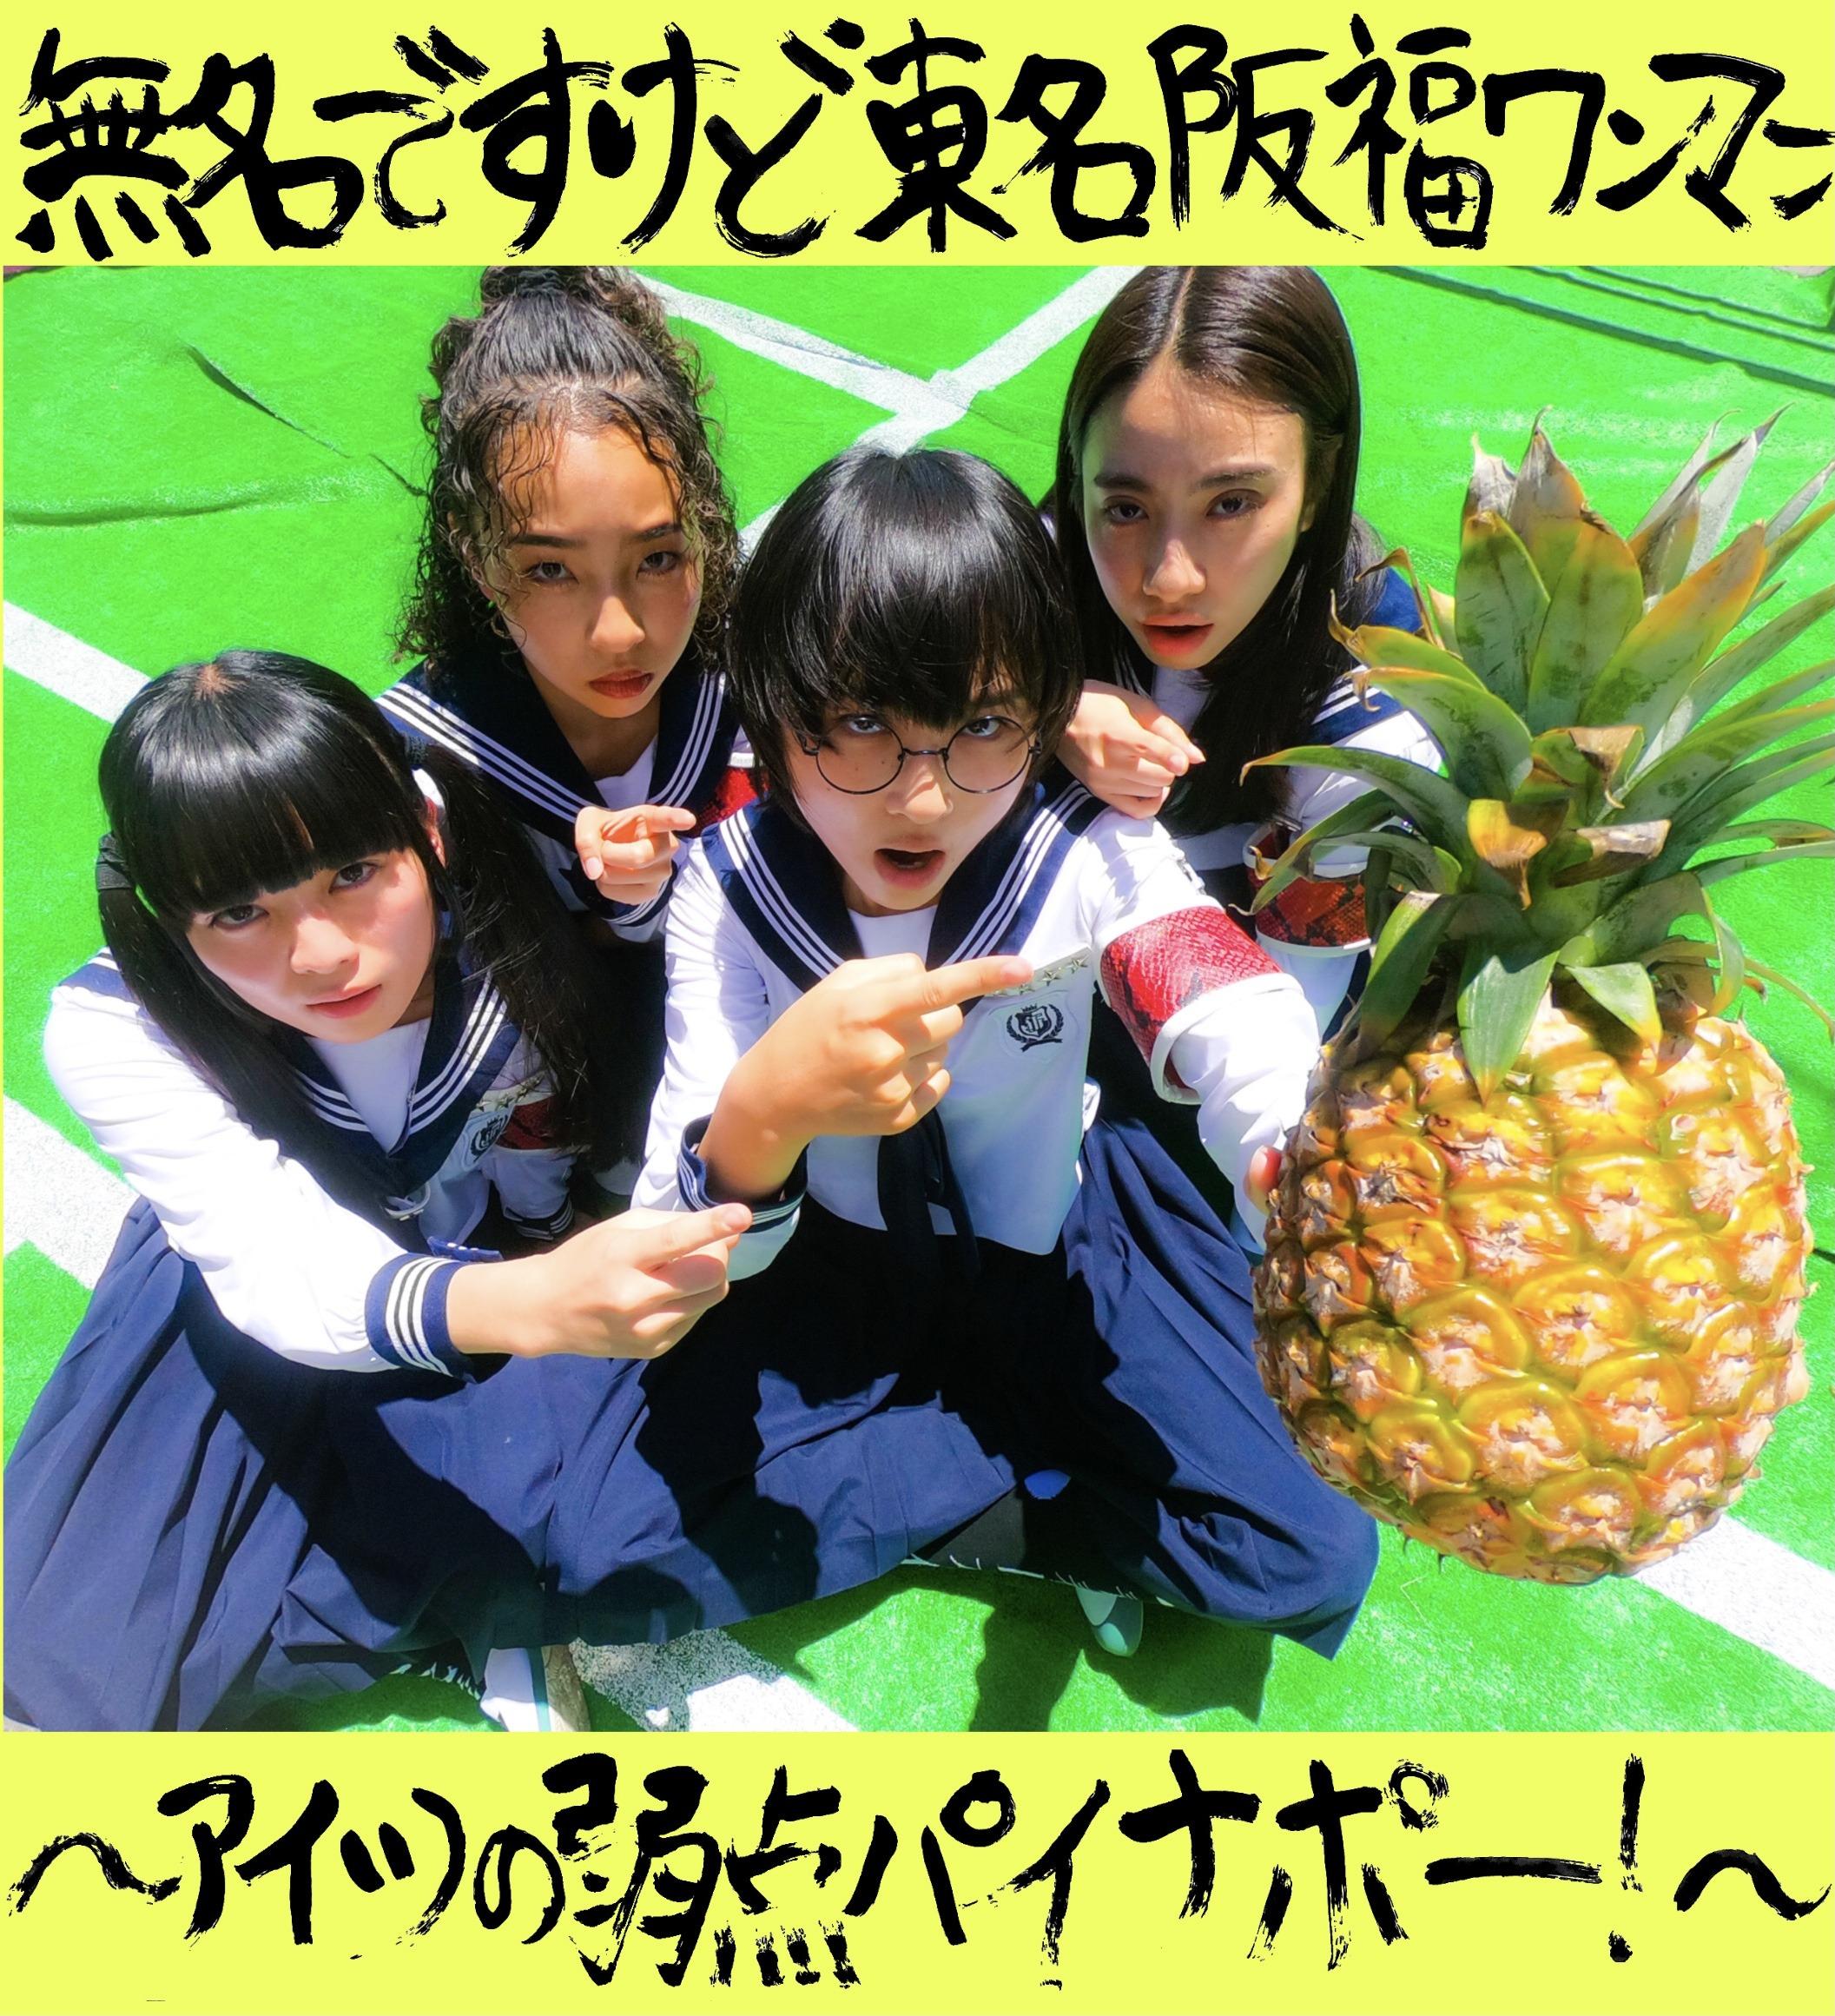 新しい学校のリーダーズ『無名ですけど東名阪福ワンマン 〜アイツの弱点パイナポー!〜』名古屋公演